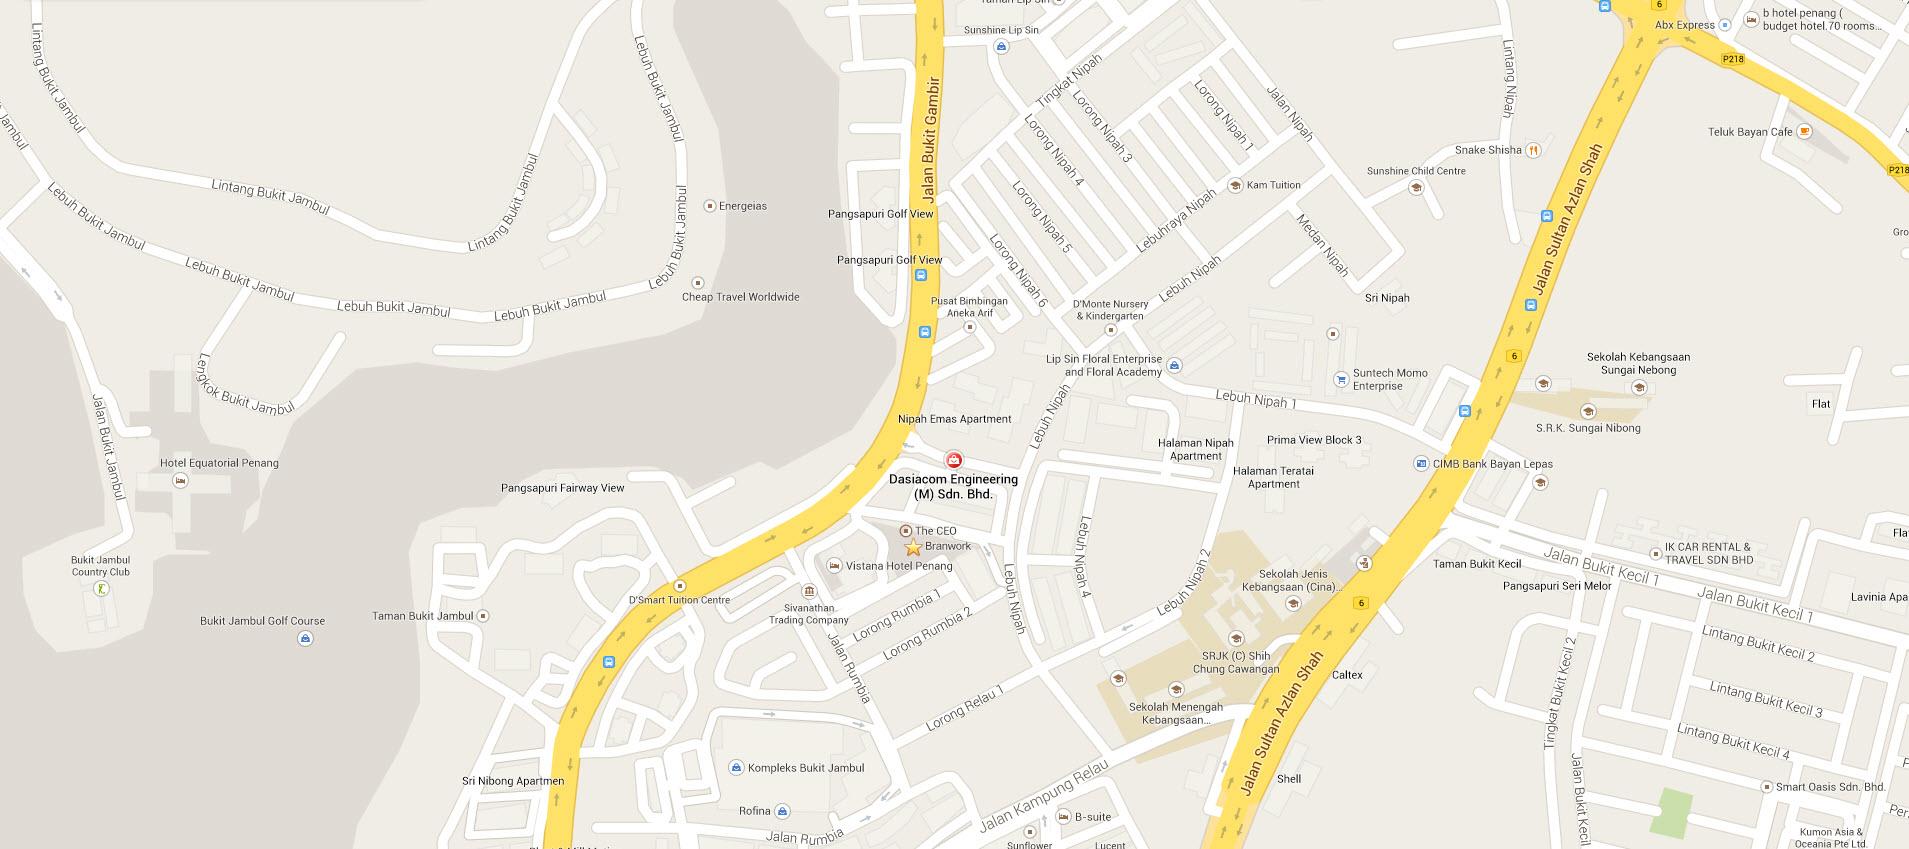 dasiacom-map